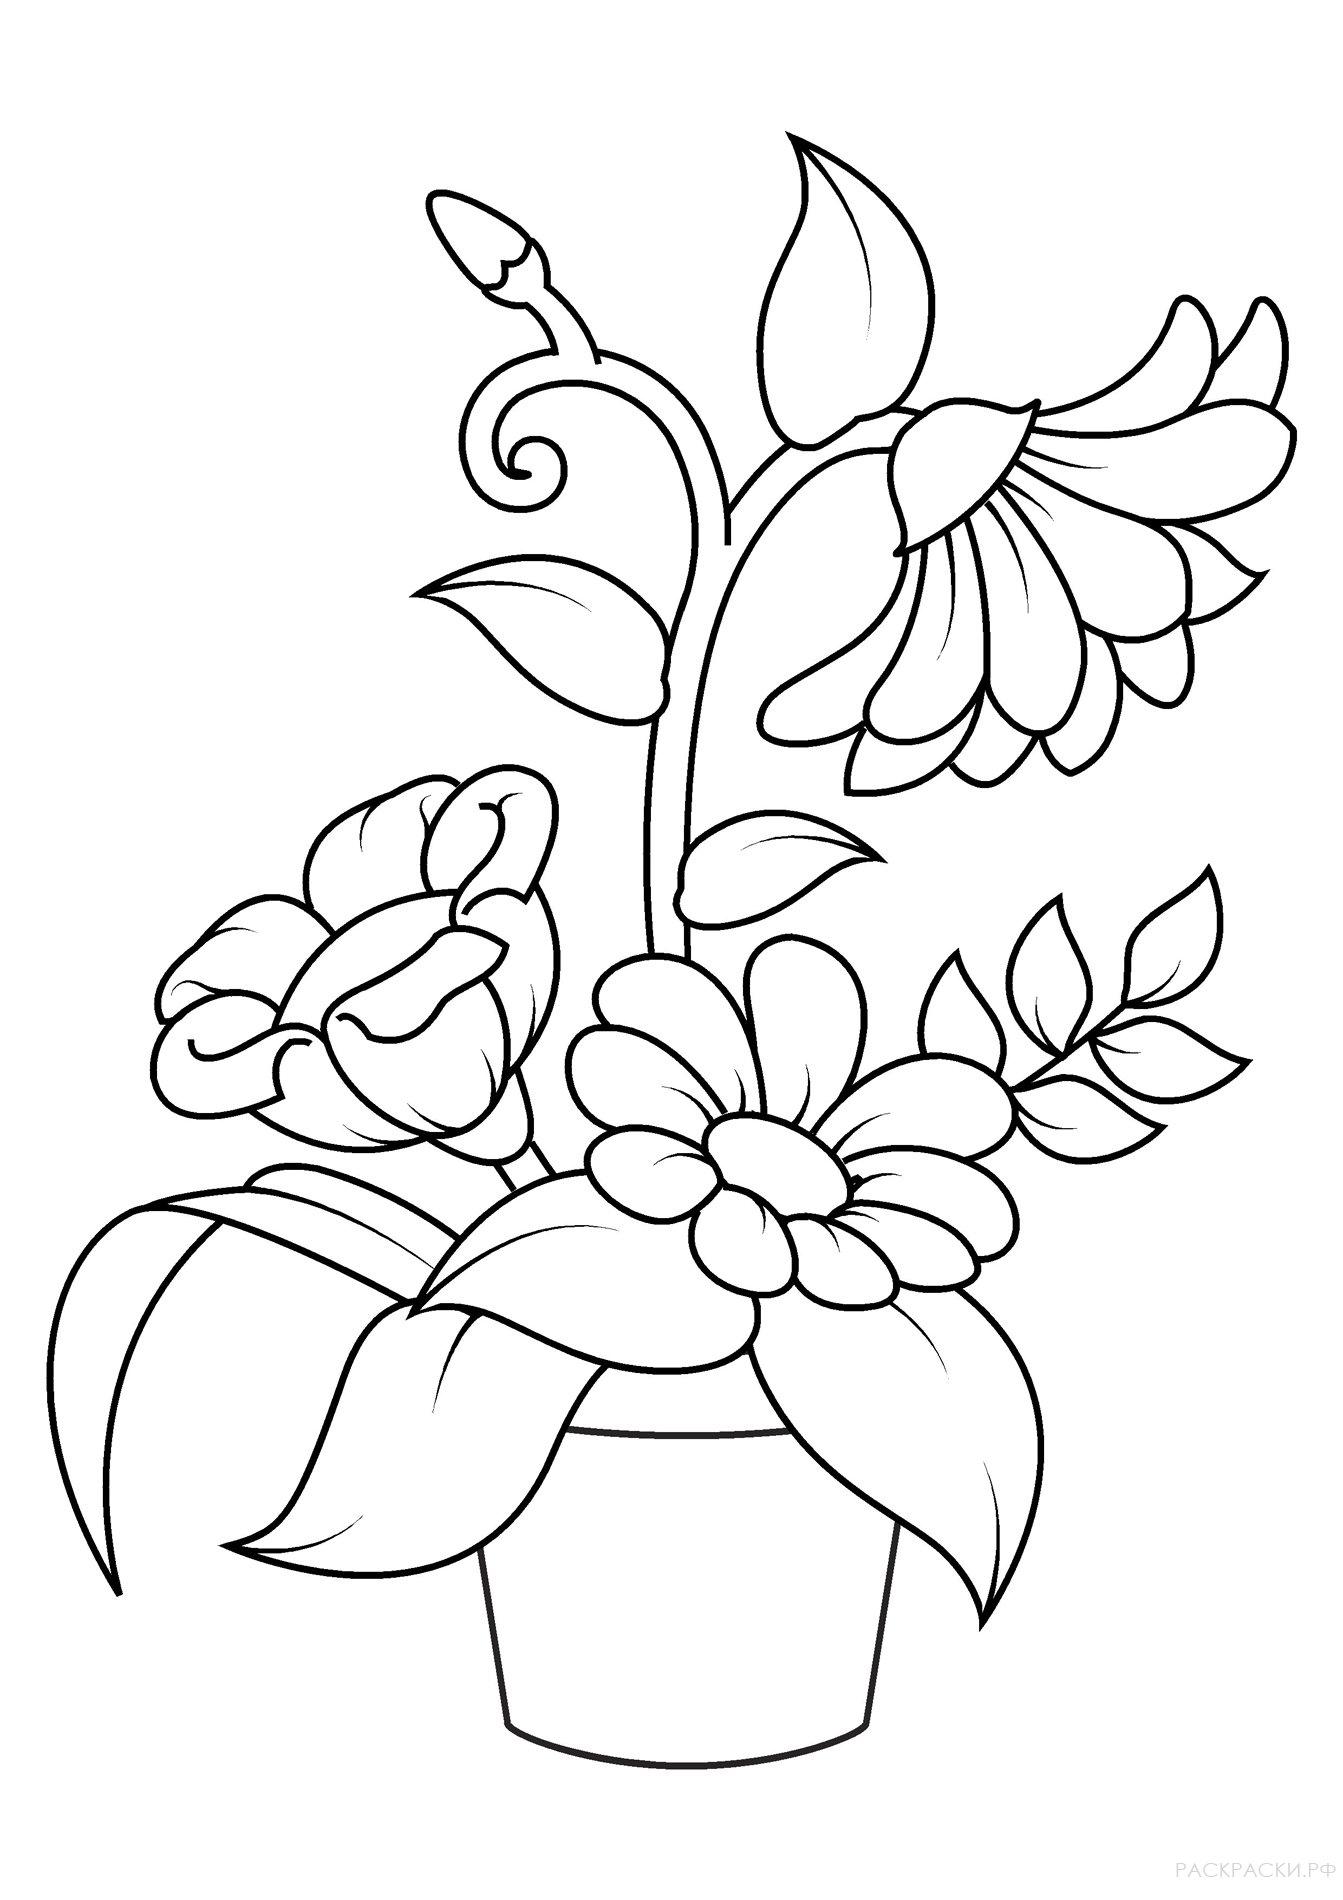 Раскраска Большие цветы в горшке » Раскраски.рф ...